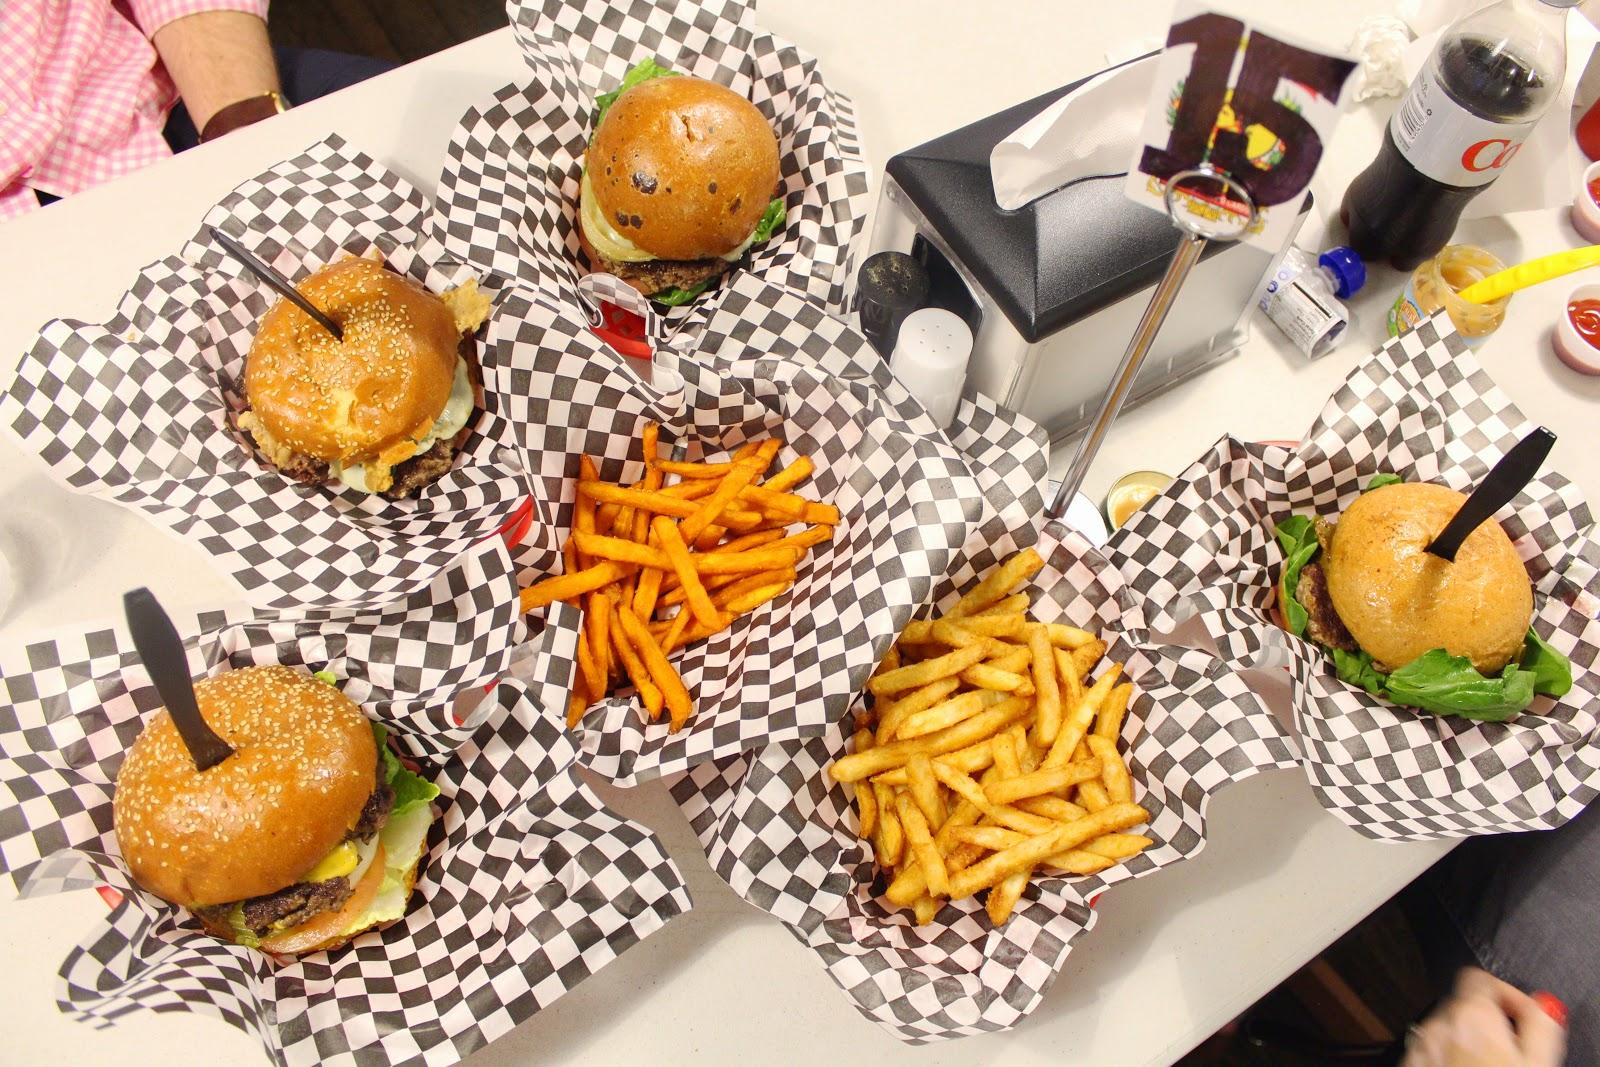 houston's best burgers